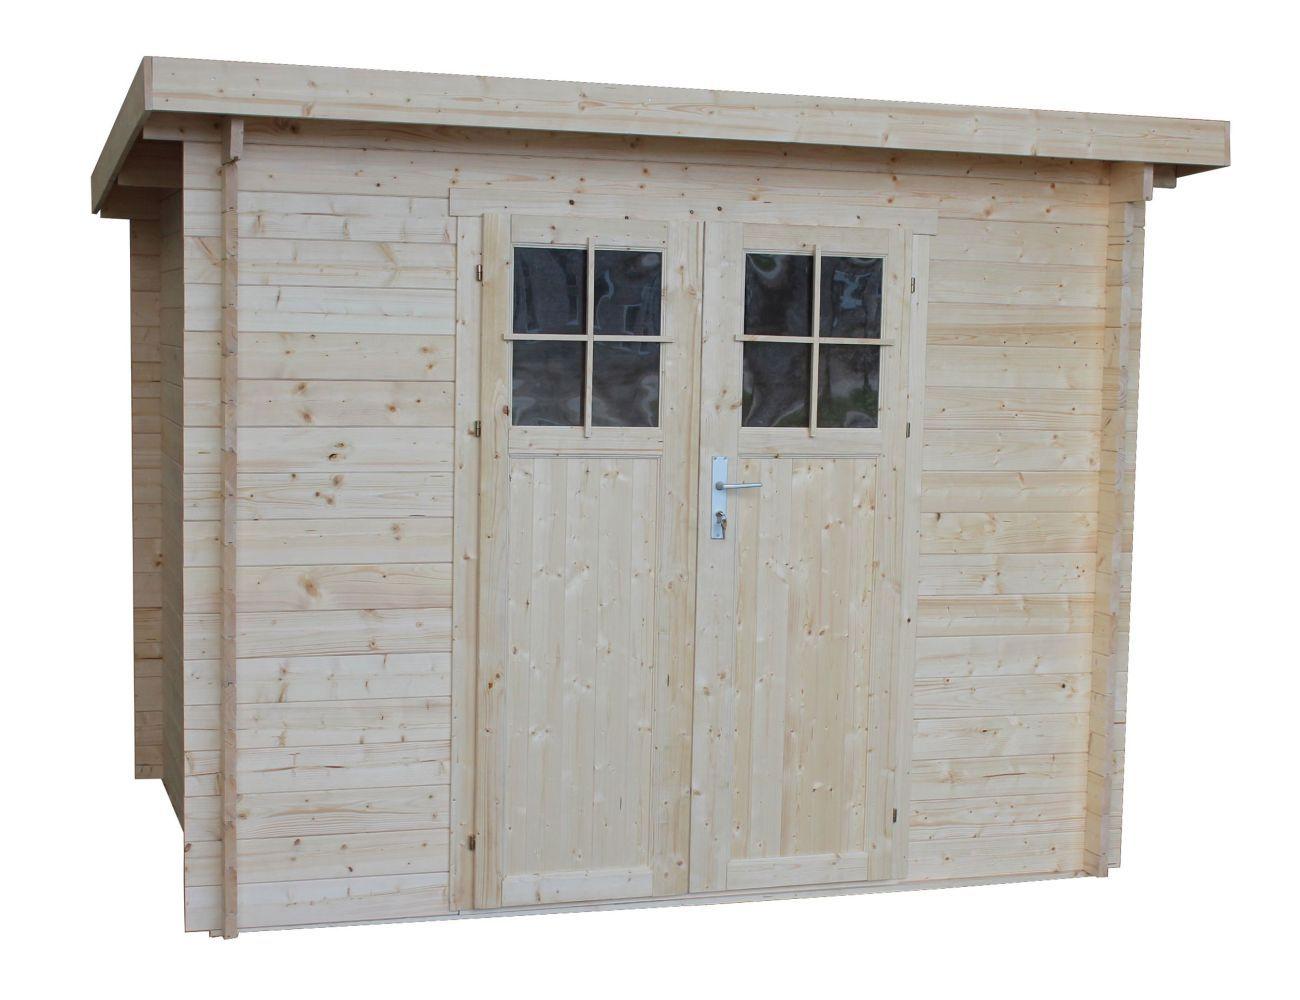 Gartenhaus Tulln - 2,60 x 2,00 Meter aus 28 mm Blockbohlen